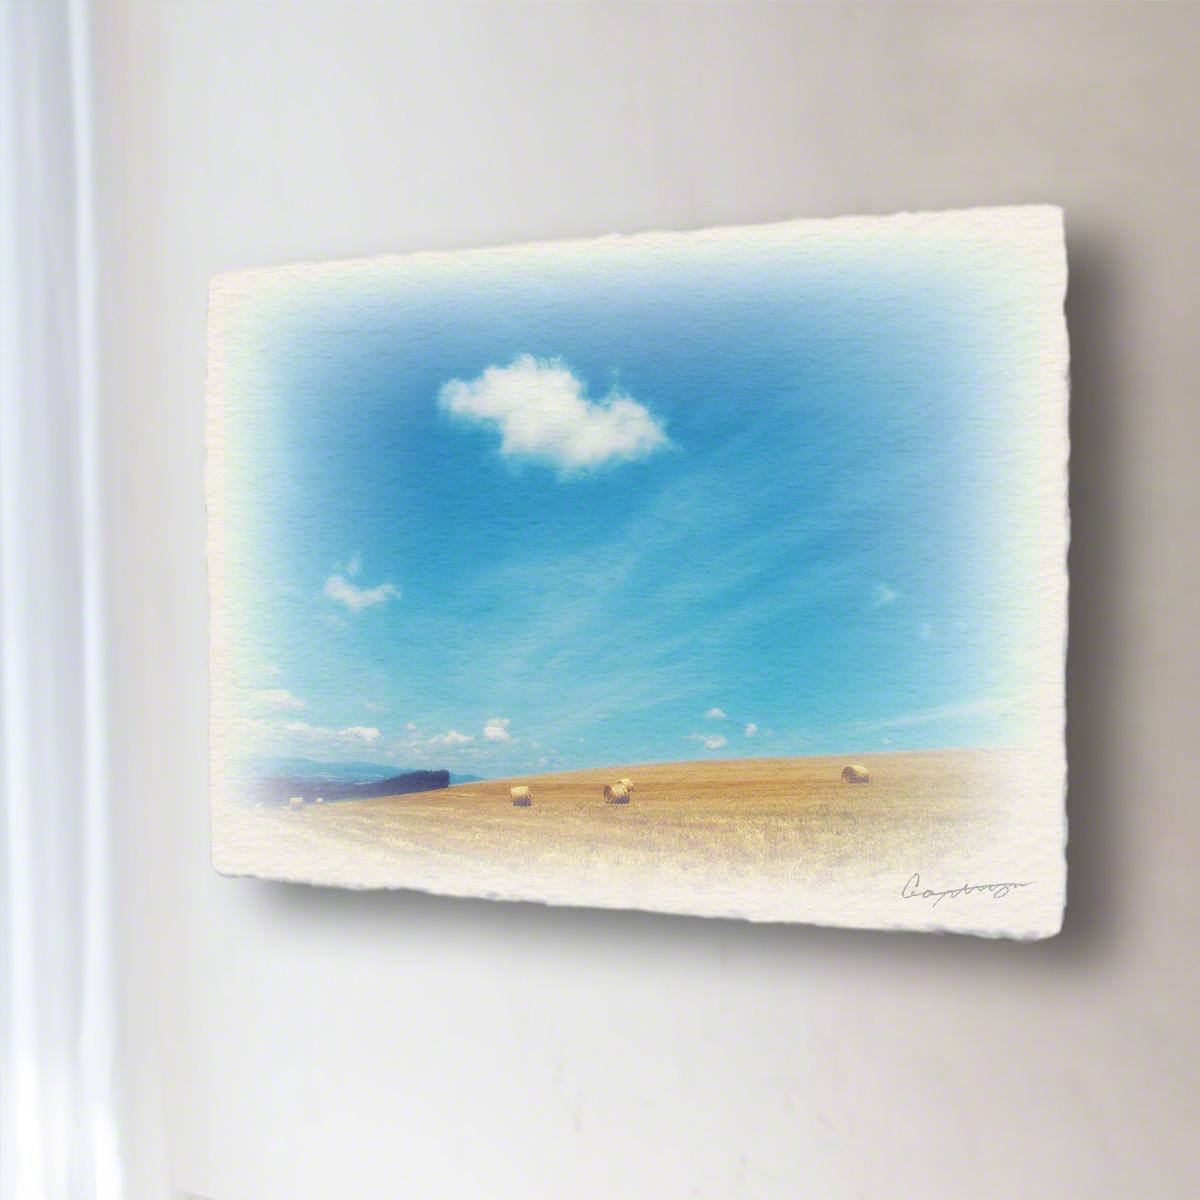 和紙 手作り アートパネル 「牧草ロールの丘と青空に浮かぶ雲」(72x54cm) 絵画 絵 ポスター 壁掛け モダン アート 和風 オリジナル インテリア 風景画 ランキング おすすめ おしゃれ 人気 キッチン リビング ダイニング 玄関 和室